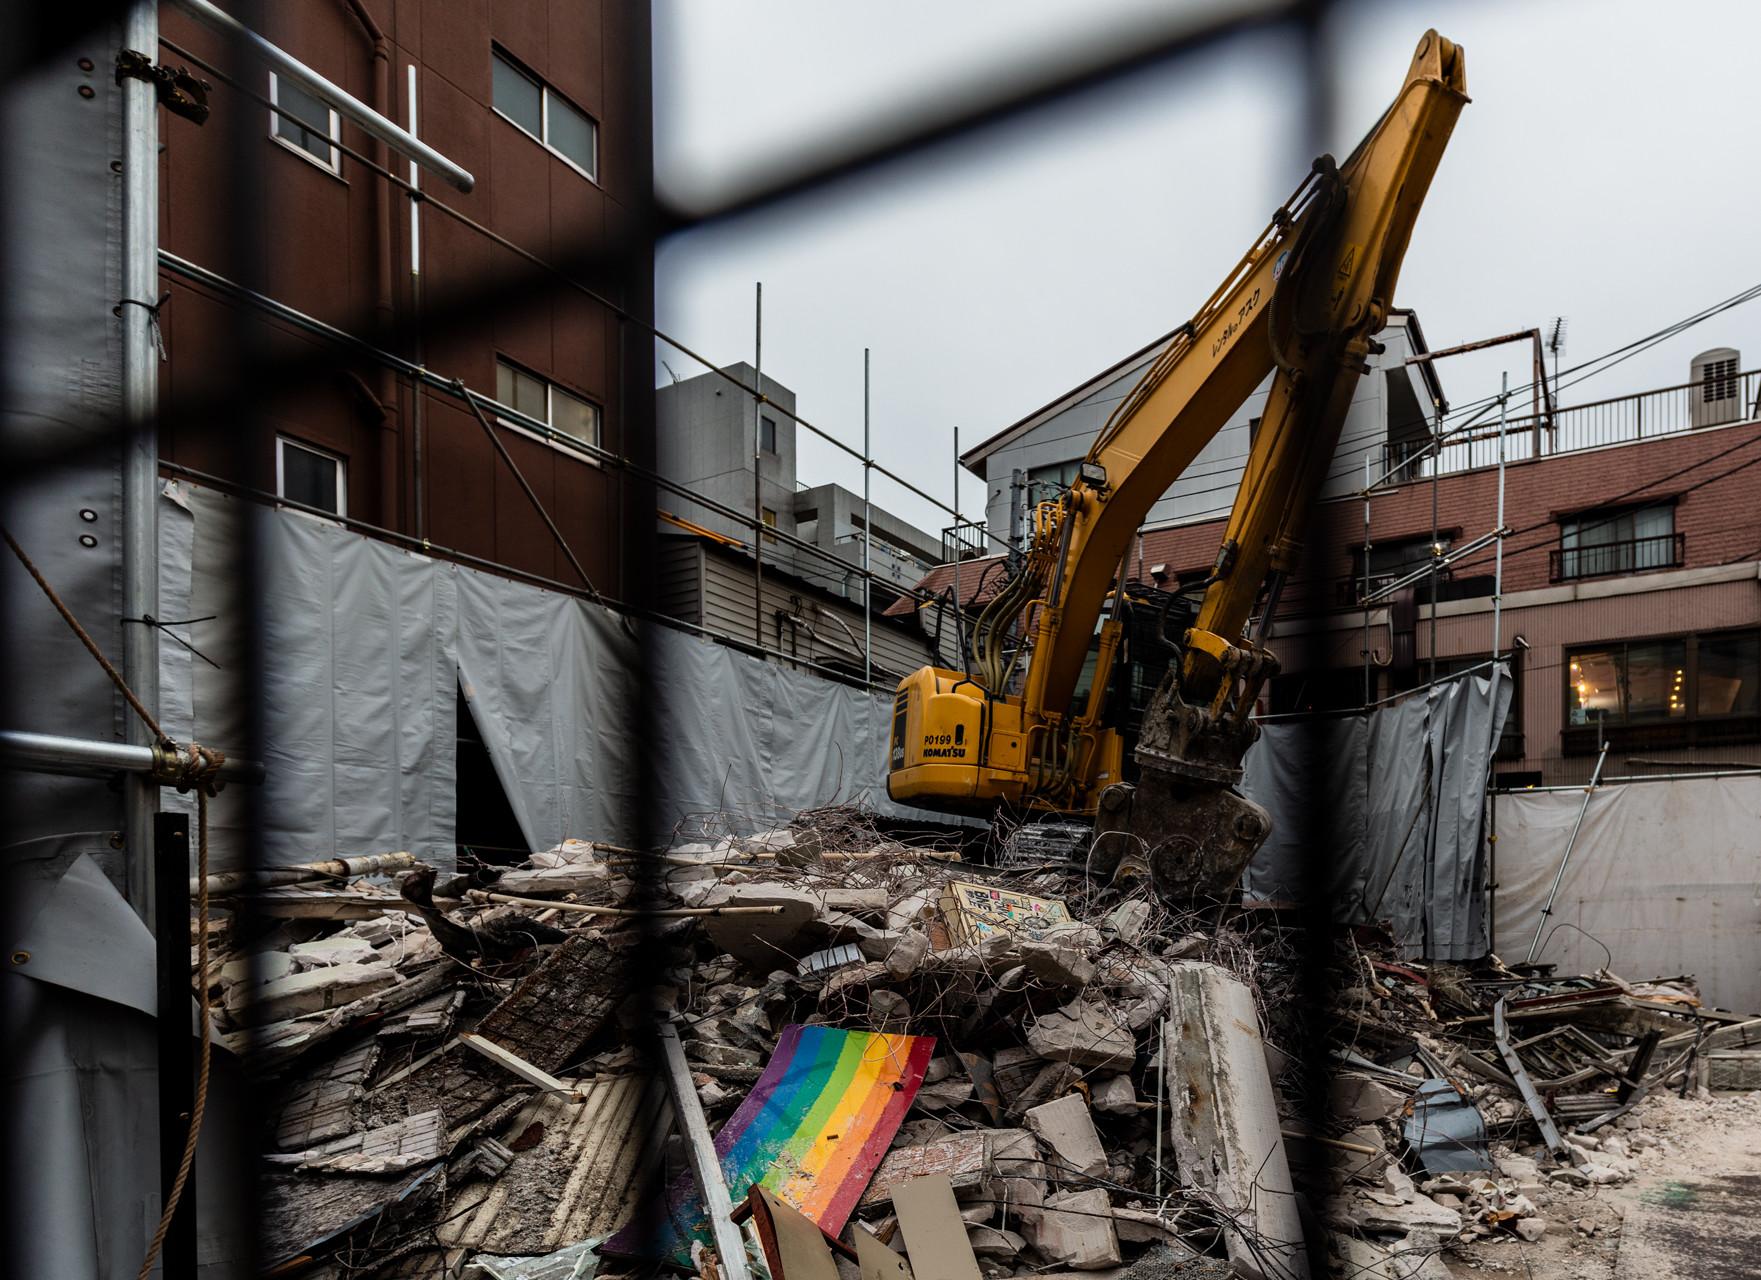 STREET-PHOTOGRAPHY-3-JUANMI-MARQUEZ-1761x1280